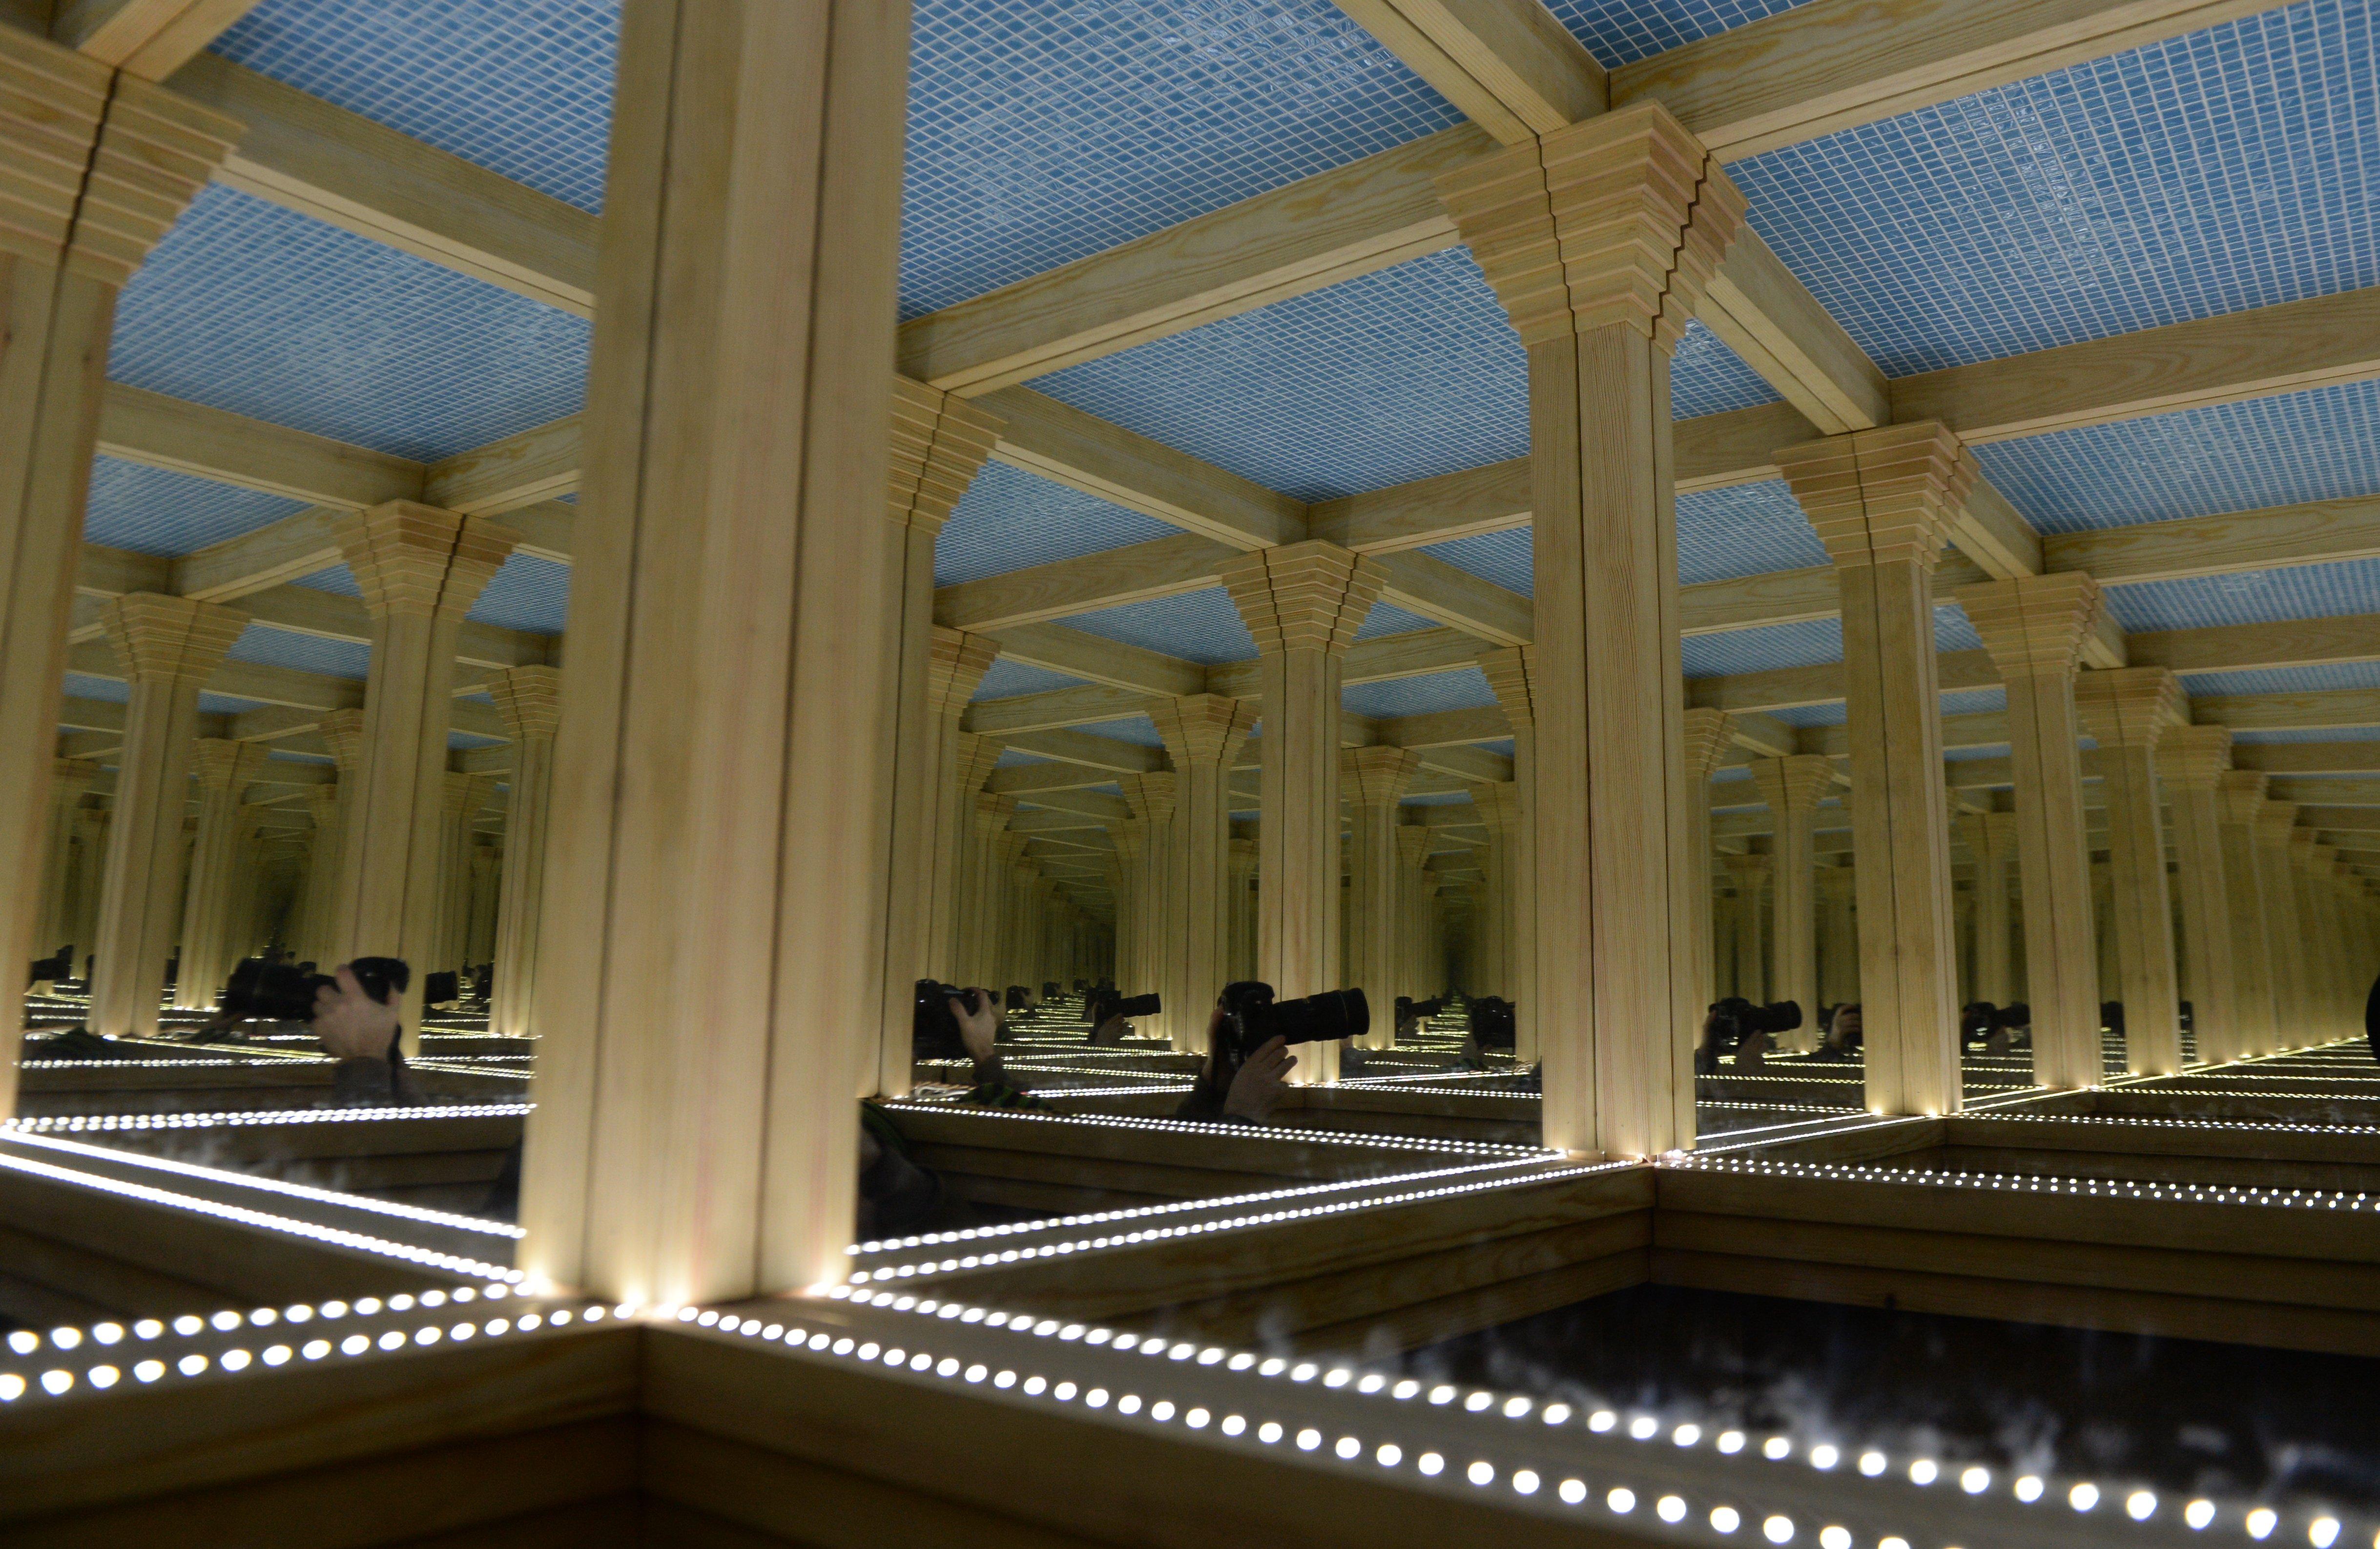 В Музее архитектуры имени Щусева появился арт-туалет